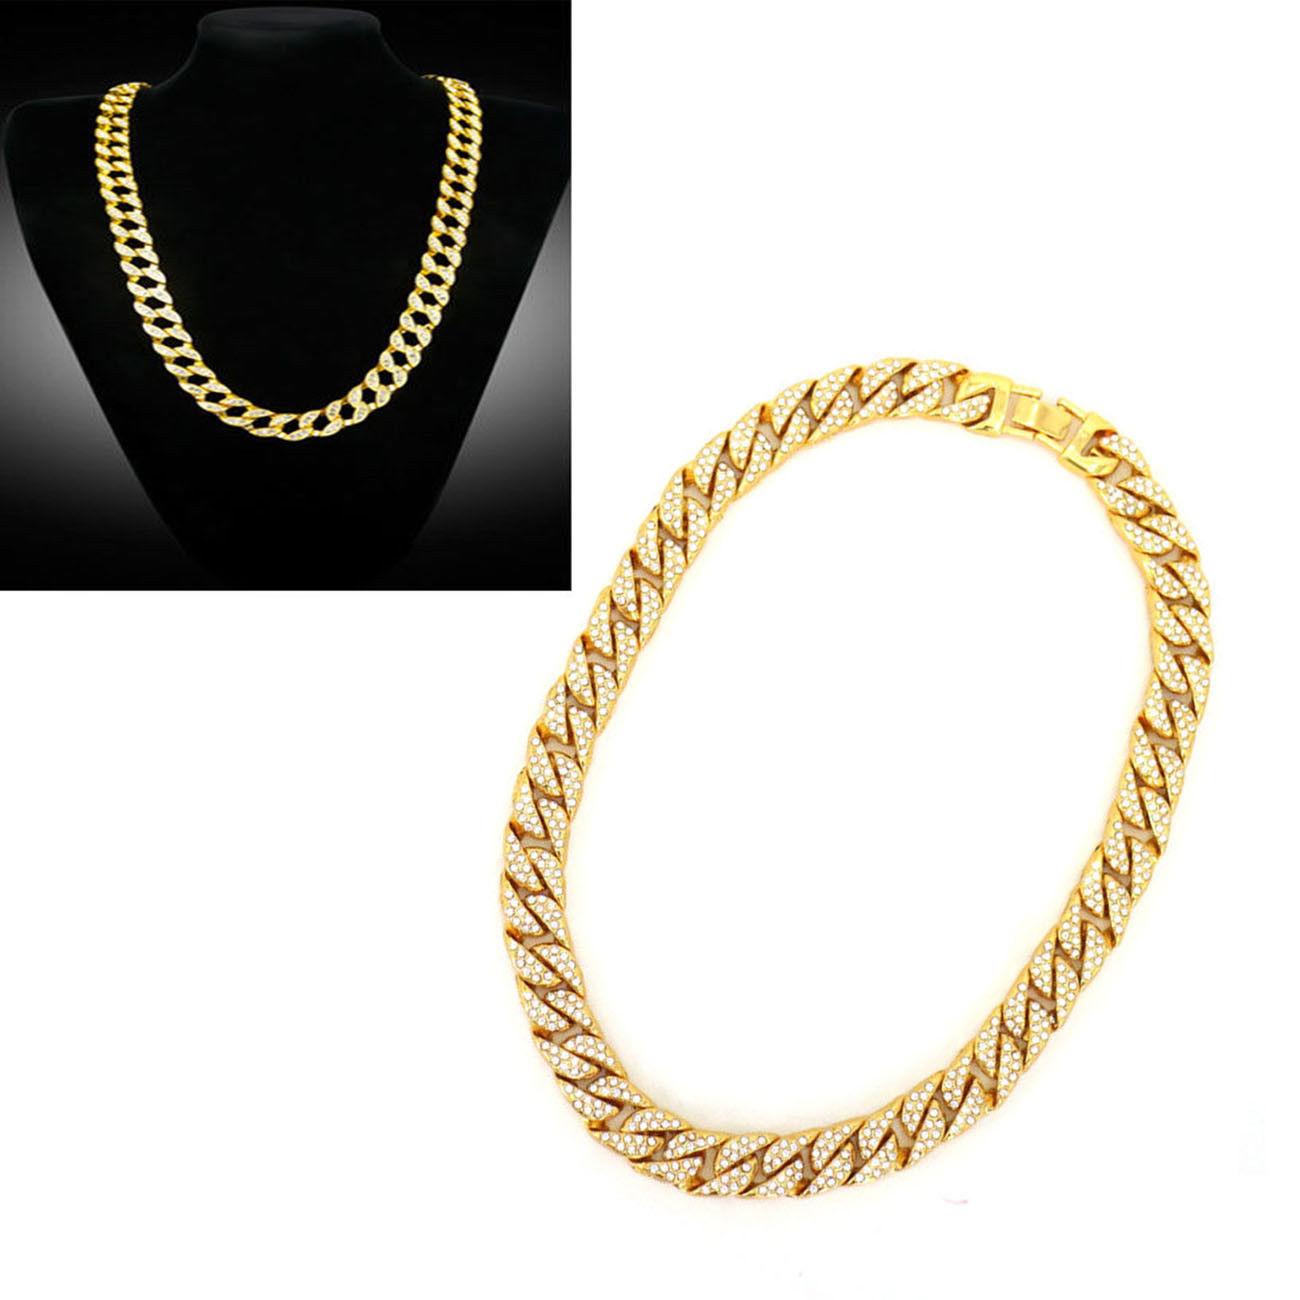 b0656a0cbc6ee2 Details about 18K Hip Hop Men Quavo Gold PT Iced Out 15mm 16